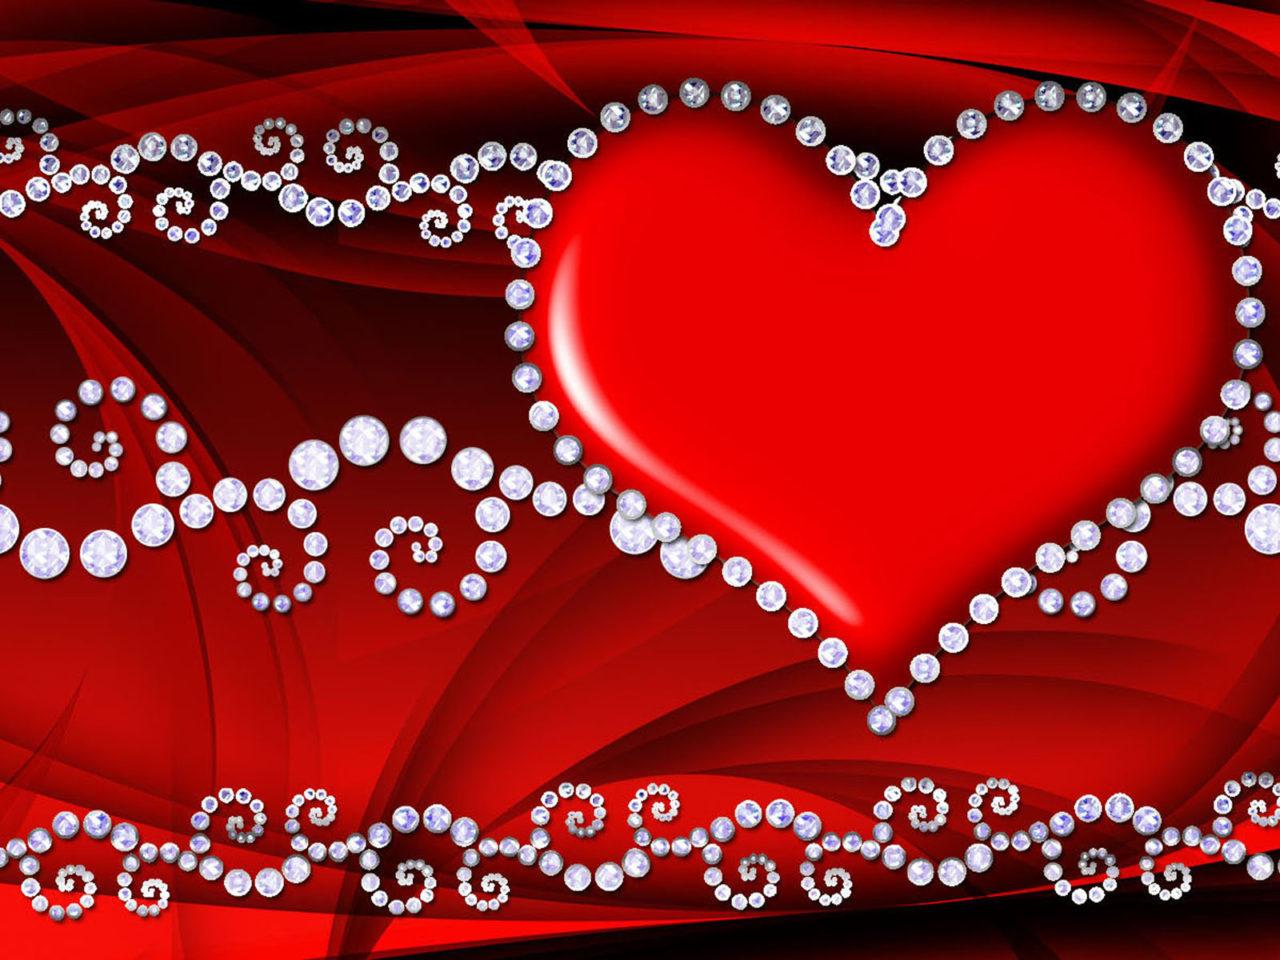 Iphone 4 Heart Wallpaper Red Love Heart Hd Wallpaper 086 Wallpapers13 Com